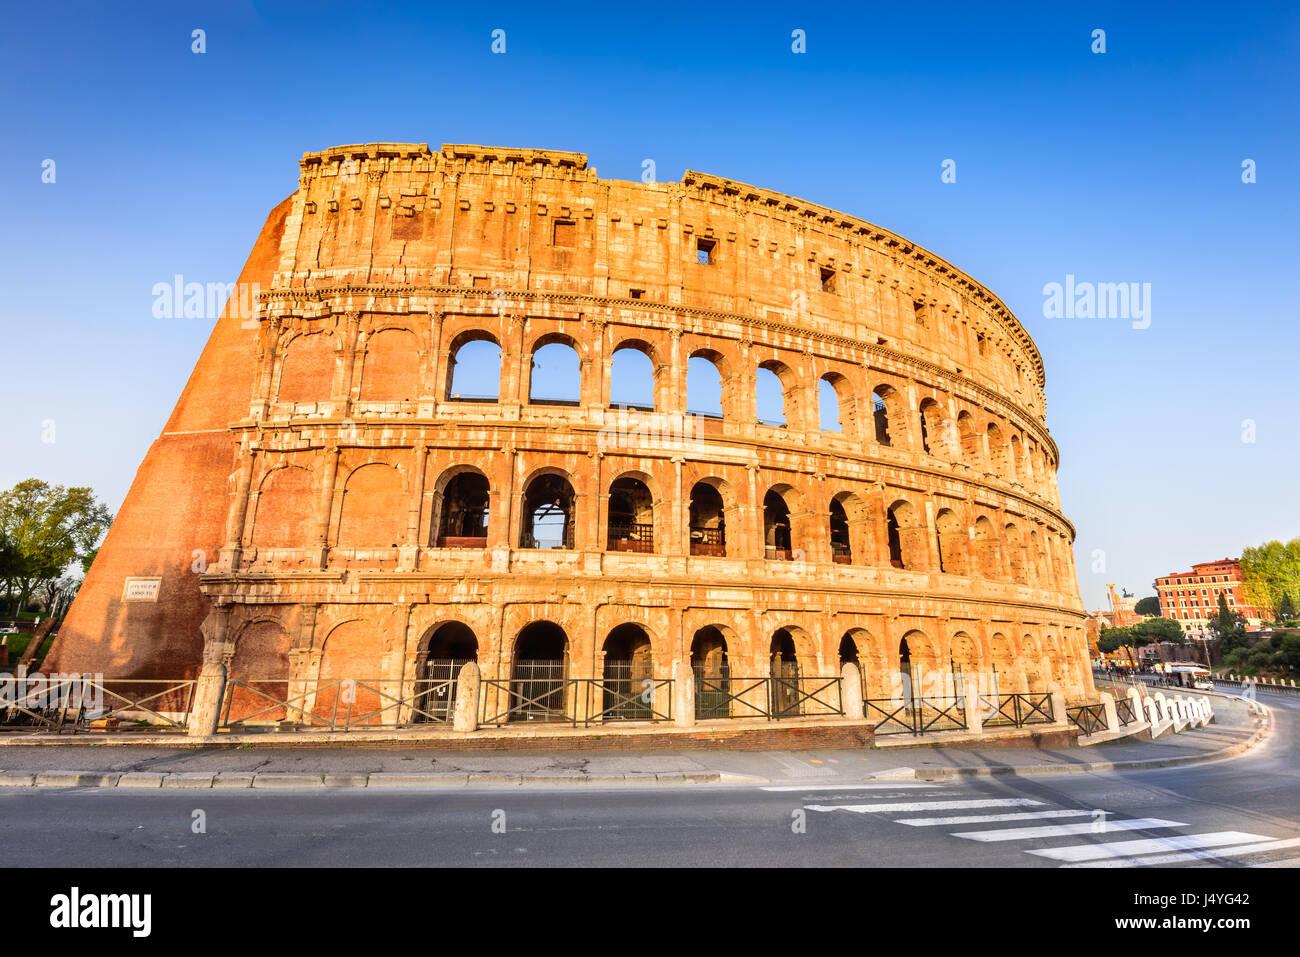 Rome, Italie. Dans Colosseum Roma, Italia. Symbole de la ville ancienne. Dans l'amphithéâtre lumière Photo Stock